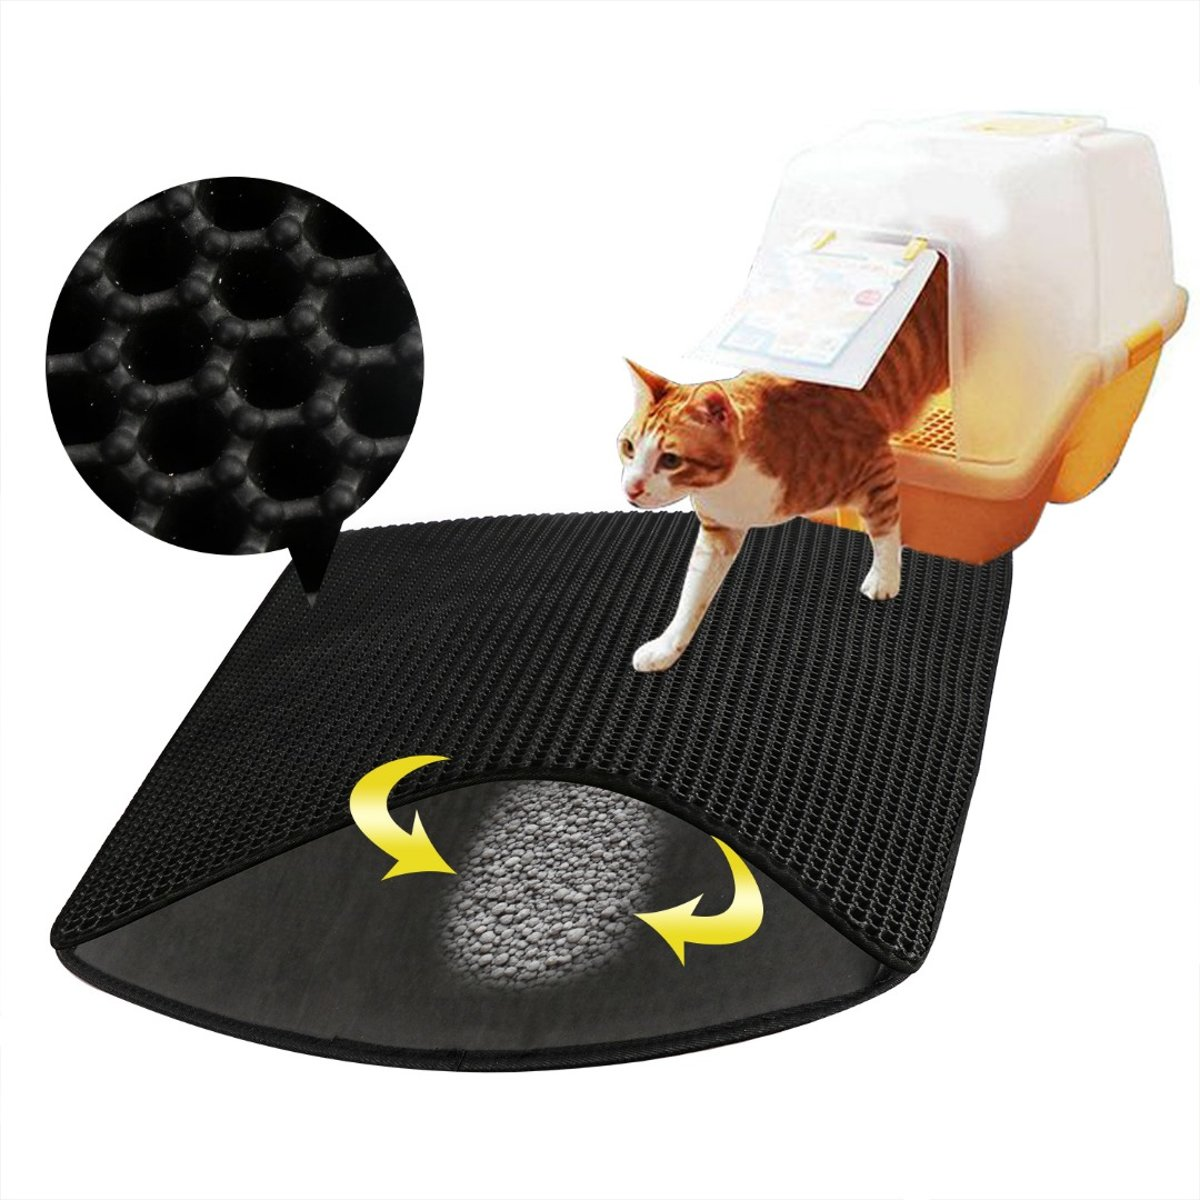 Kattenbakmat - Kattengritopvanger - 40 x 50 cm - Zwart kopen